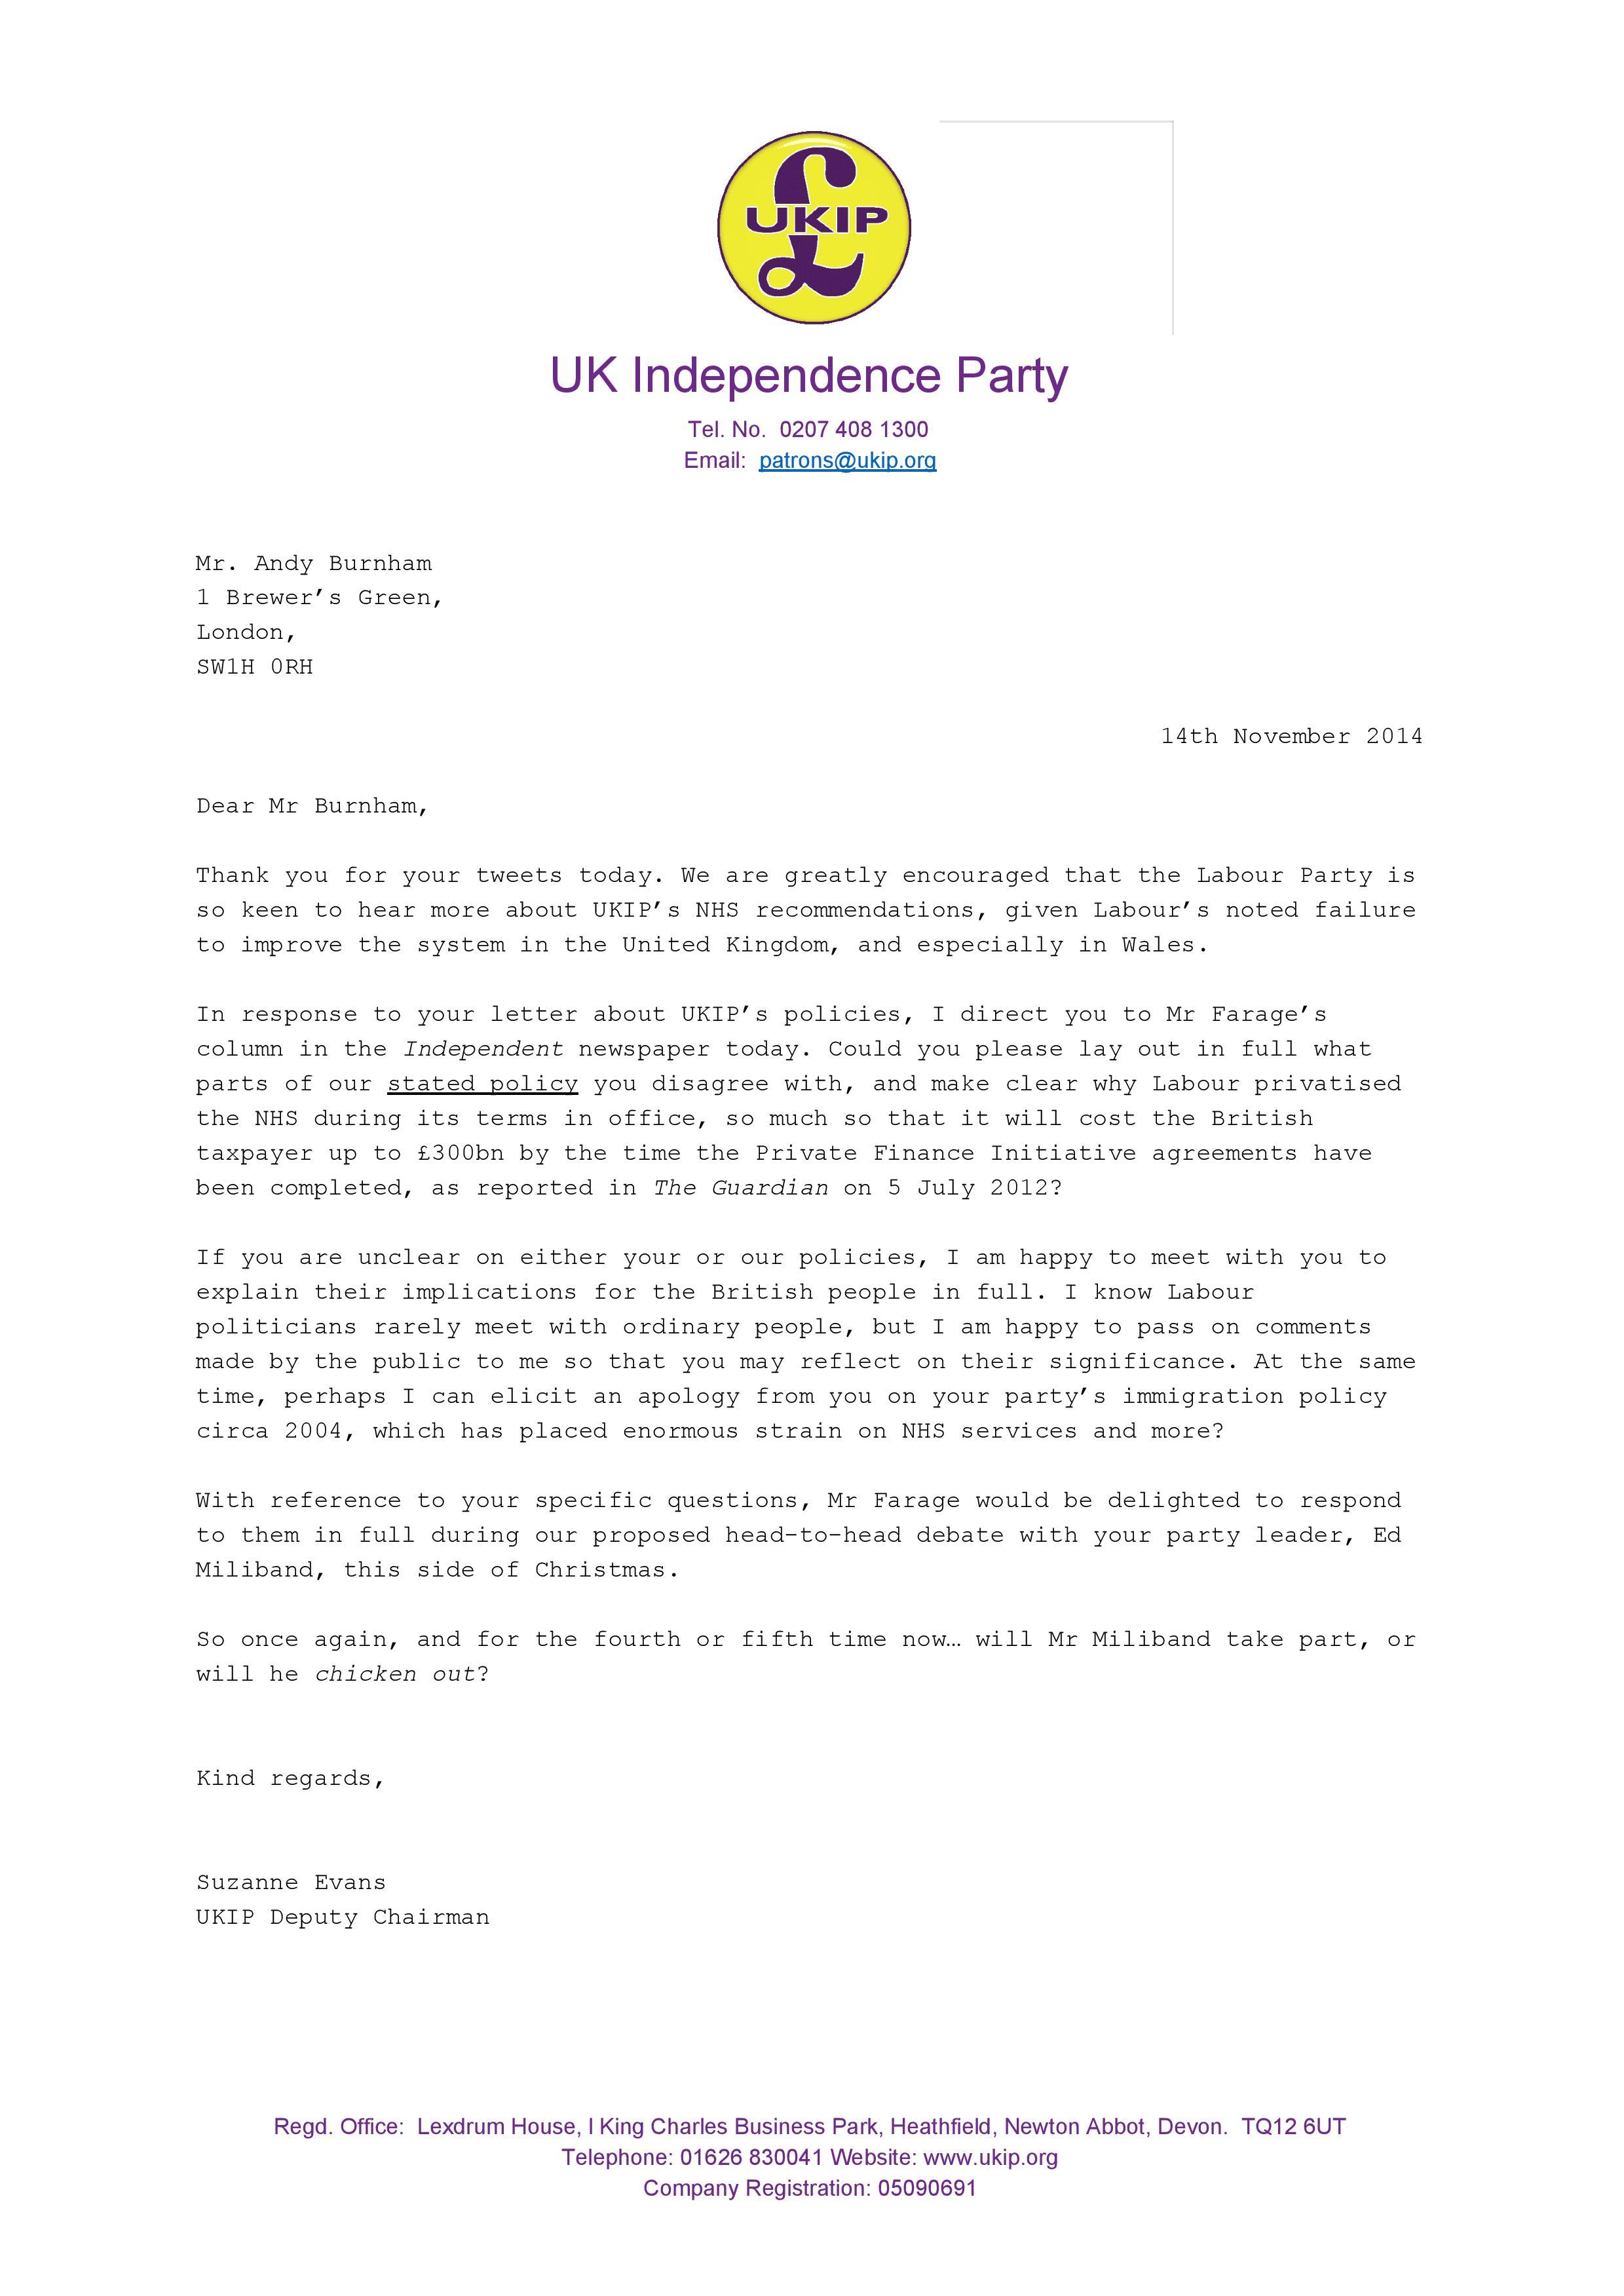 UKIPheadedpaper-6-page-001.jpg